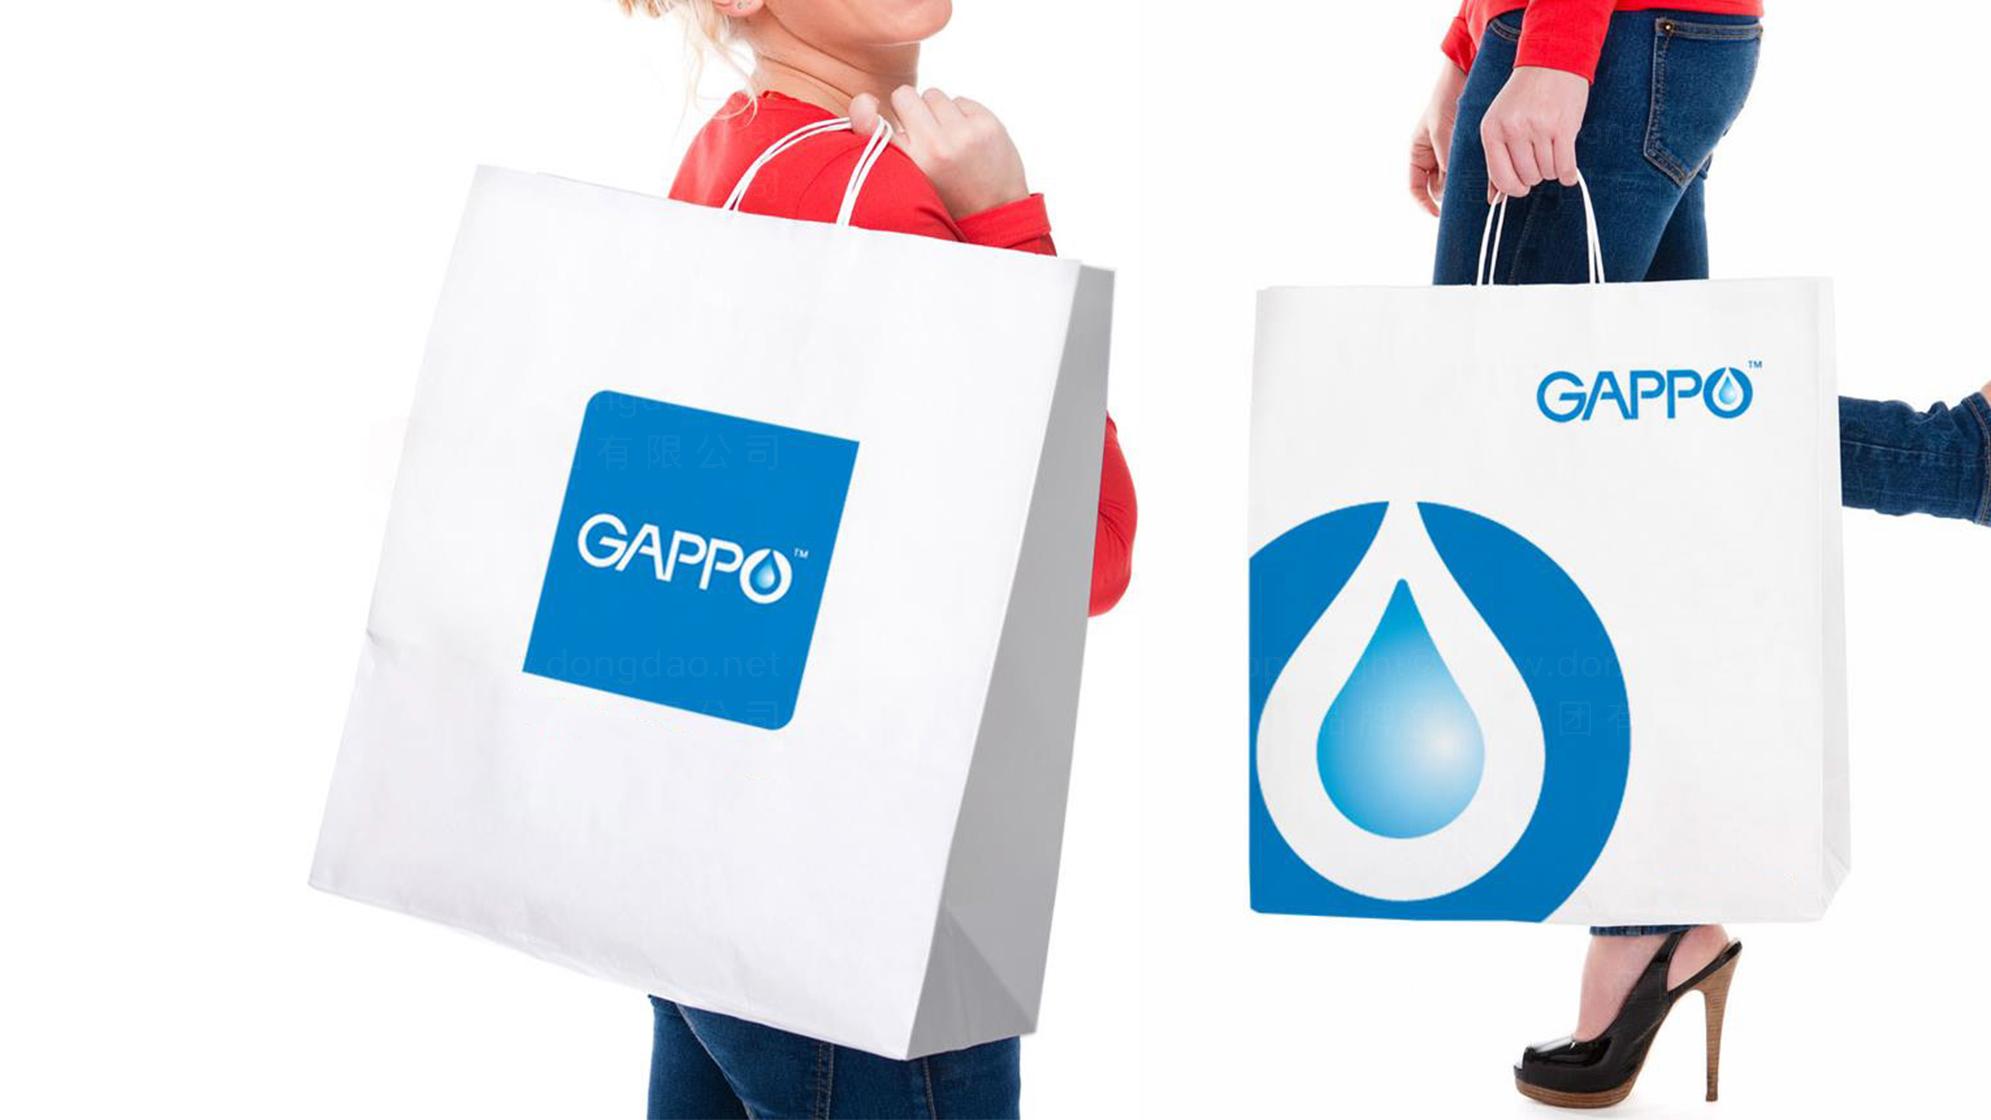 品牌设计GAPPO卫浴LOGO&VI设计应用场景_5